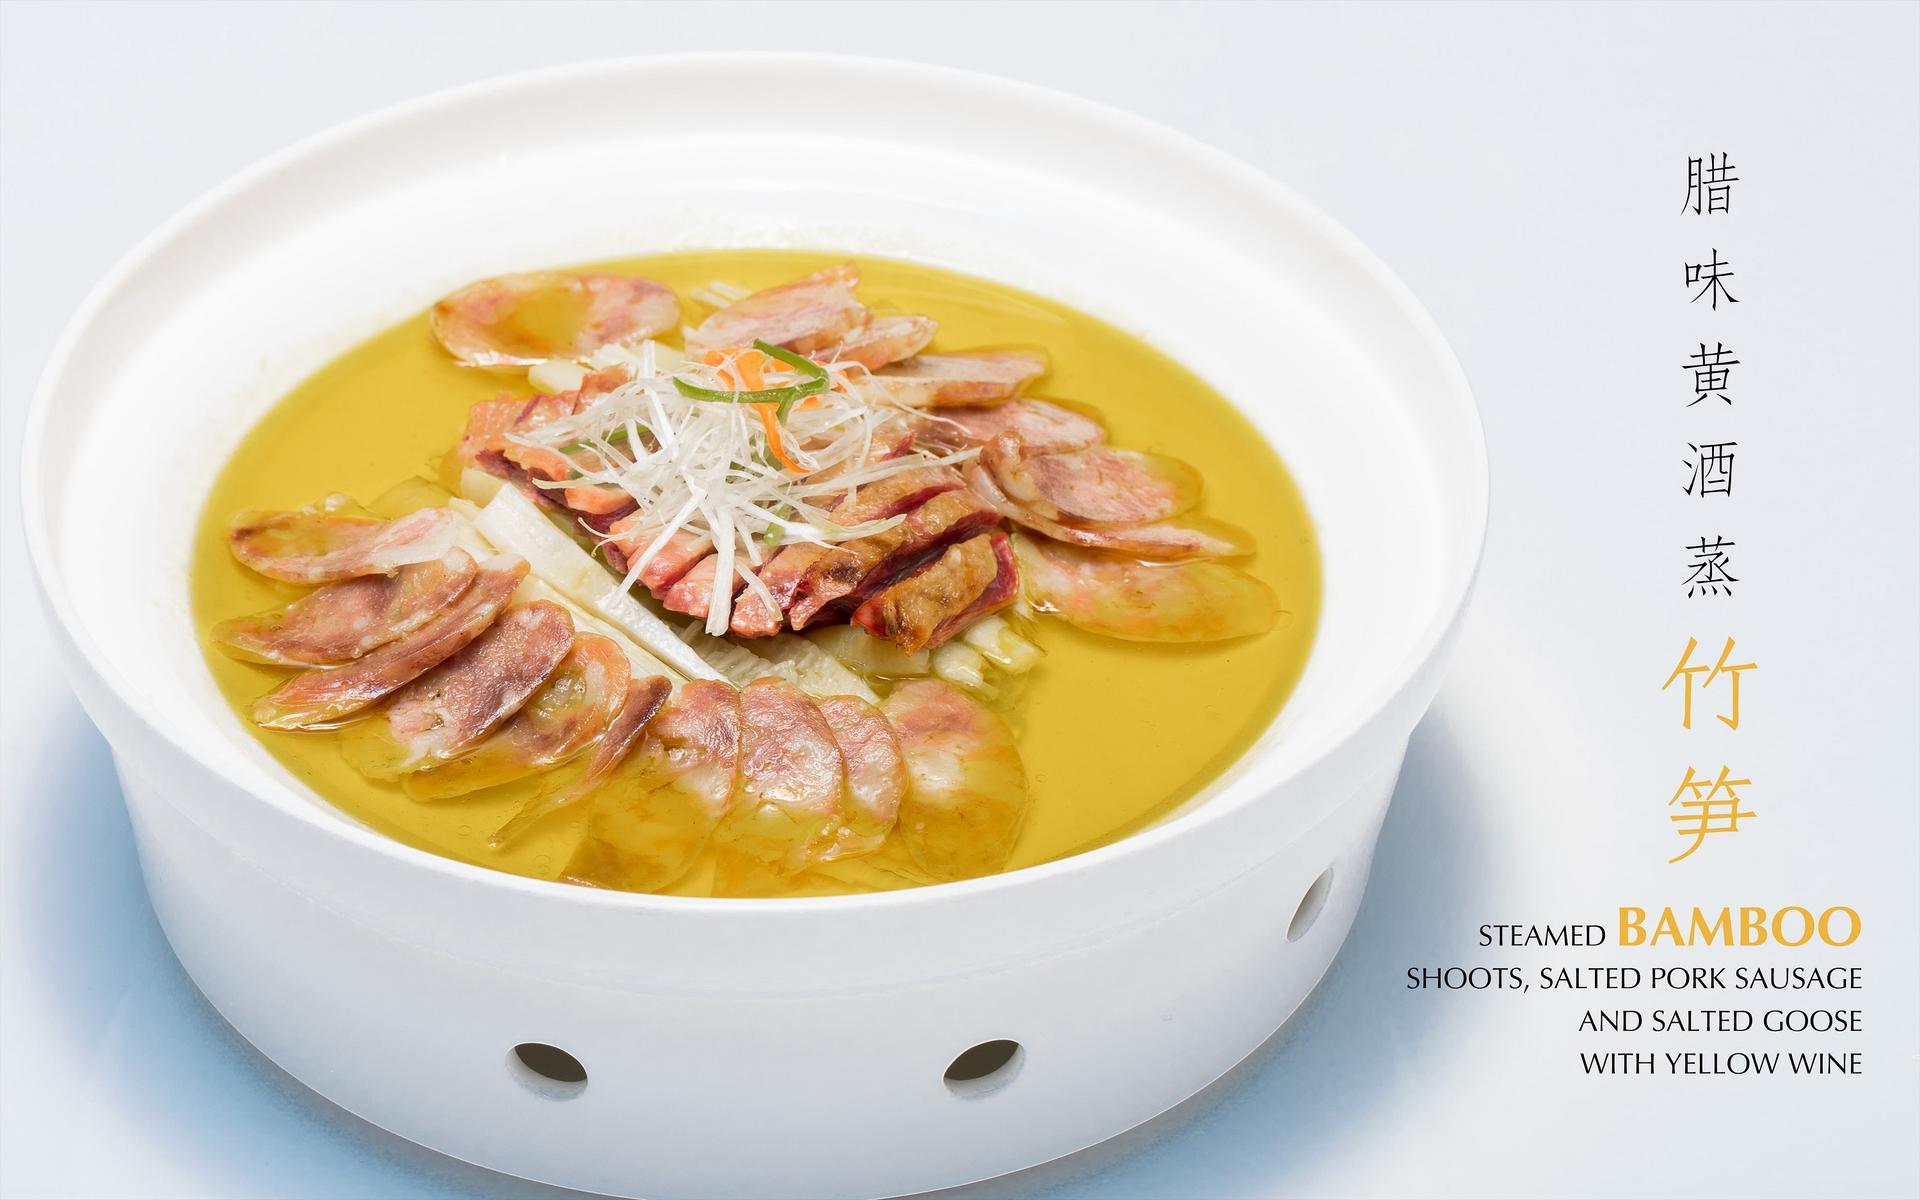 苏州香格里拉——腊味黄酒蒸竹笋.jpg